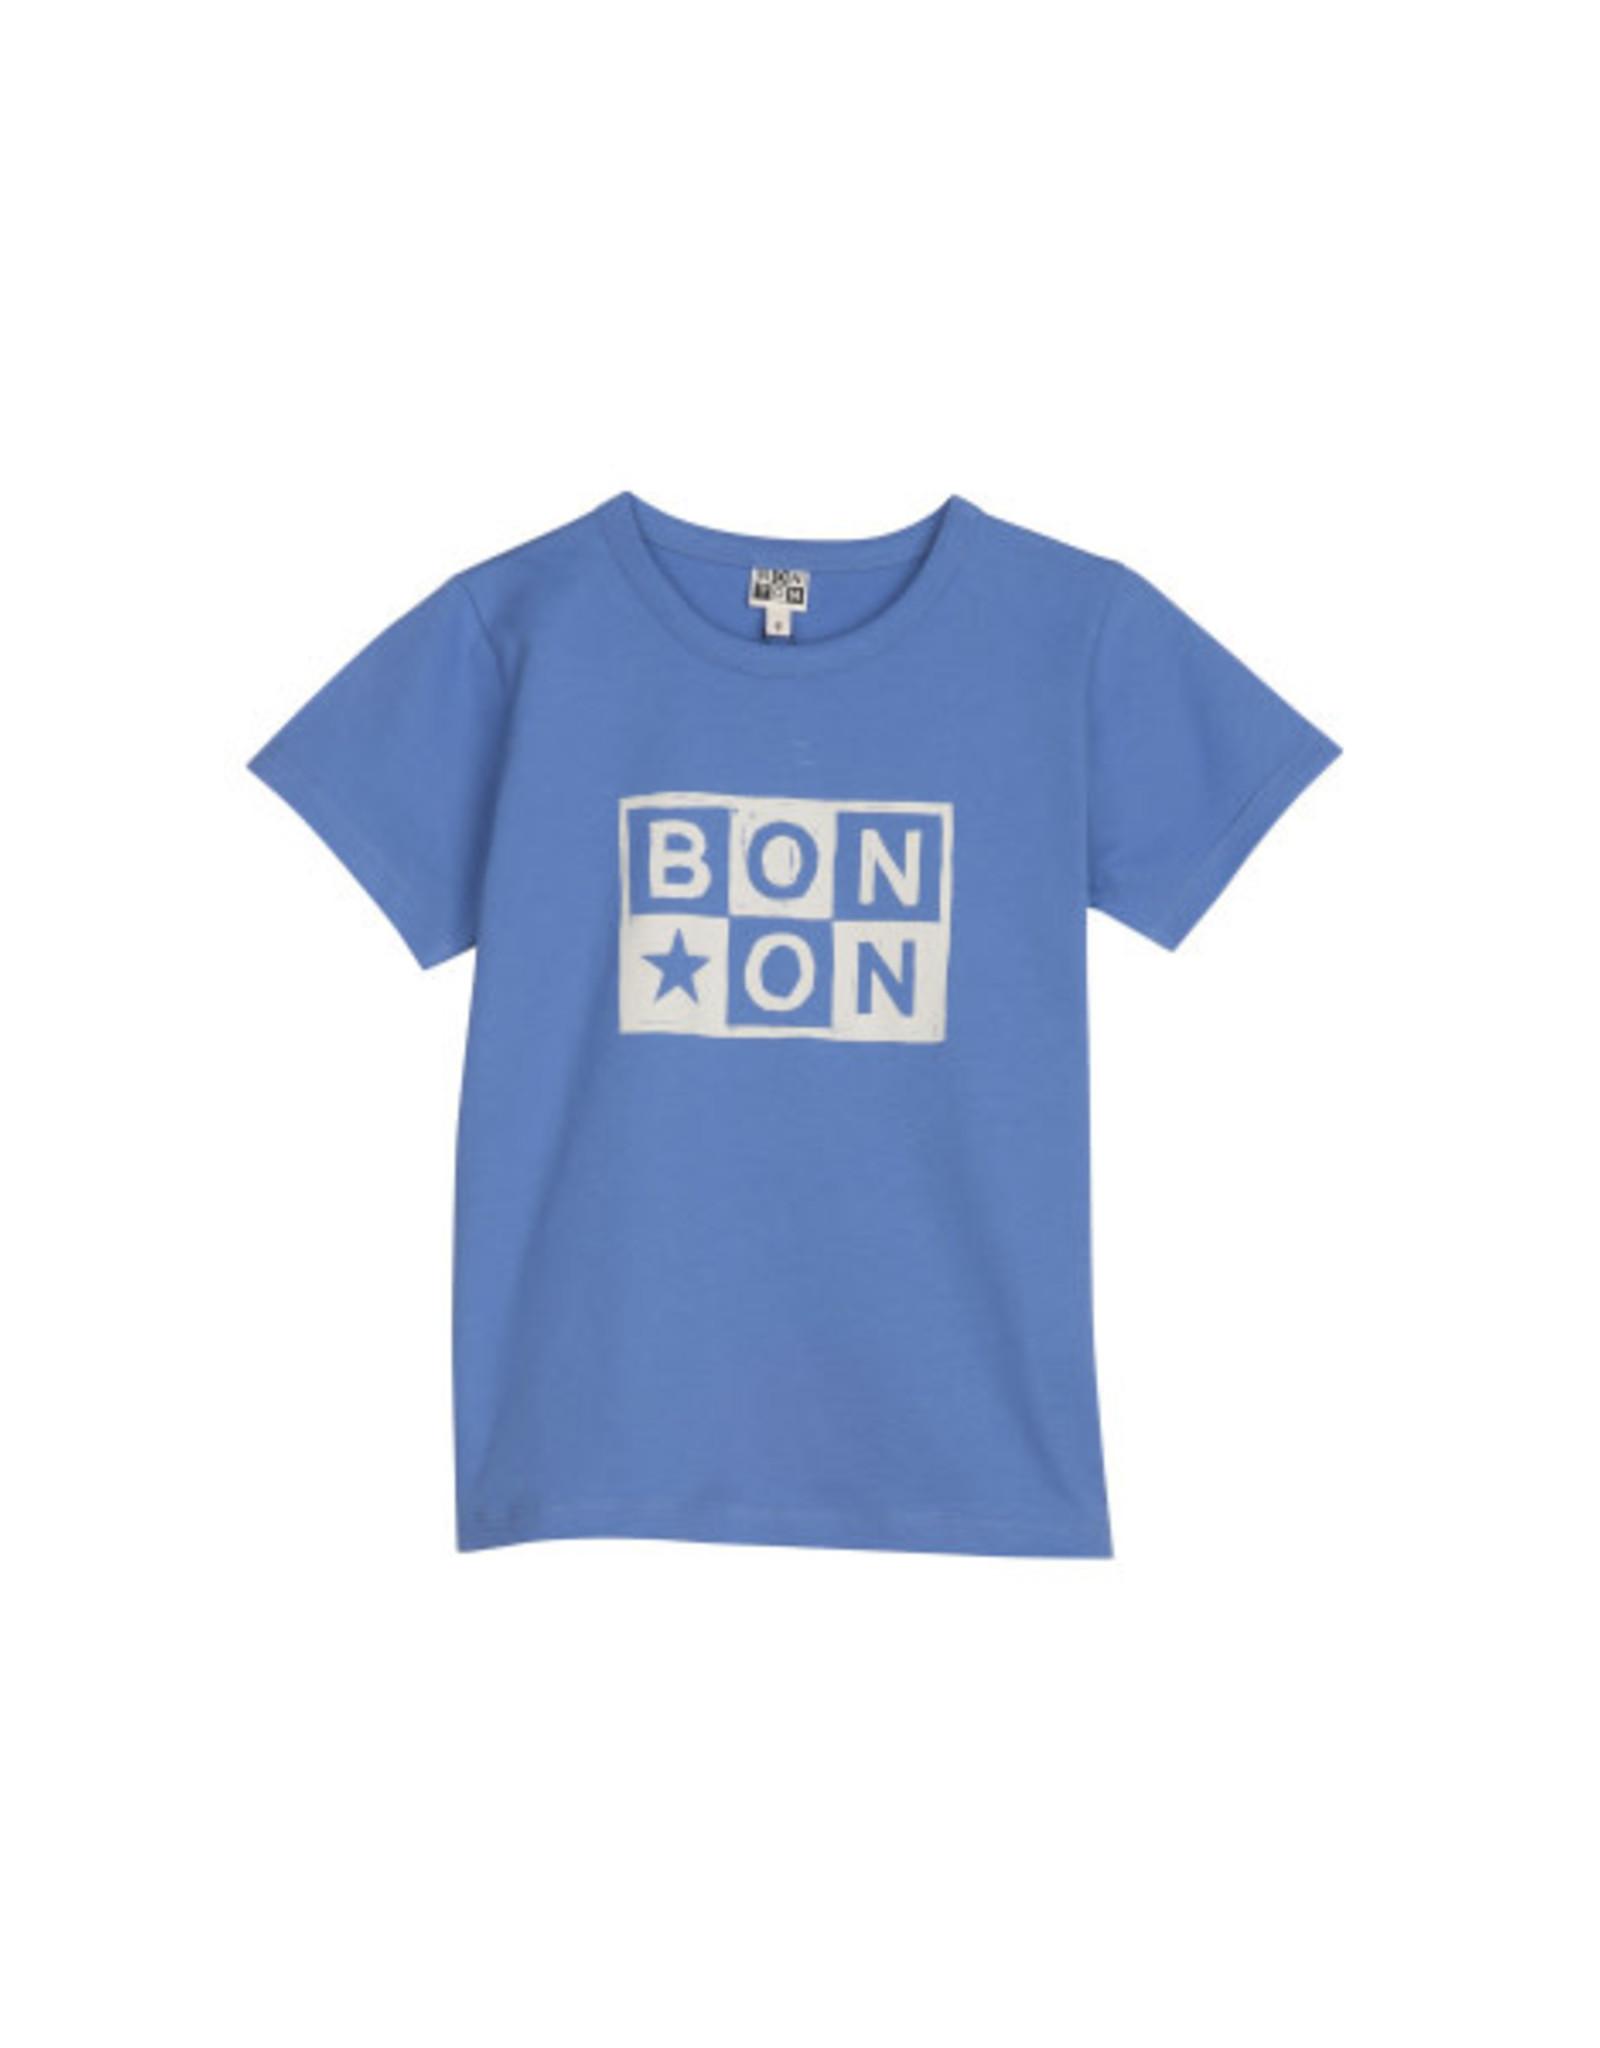 Bonton SS21 Logoboy t-shirt